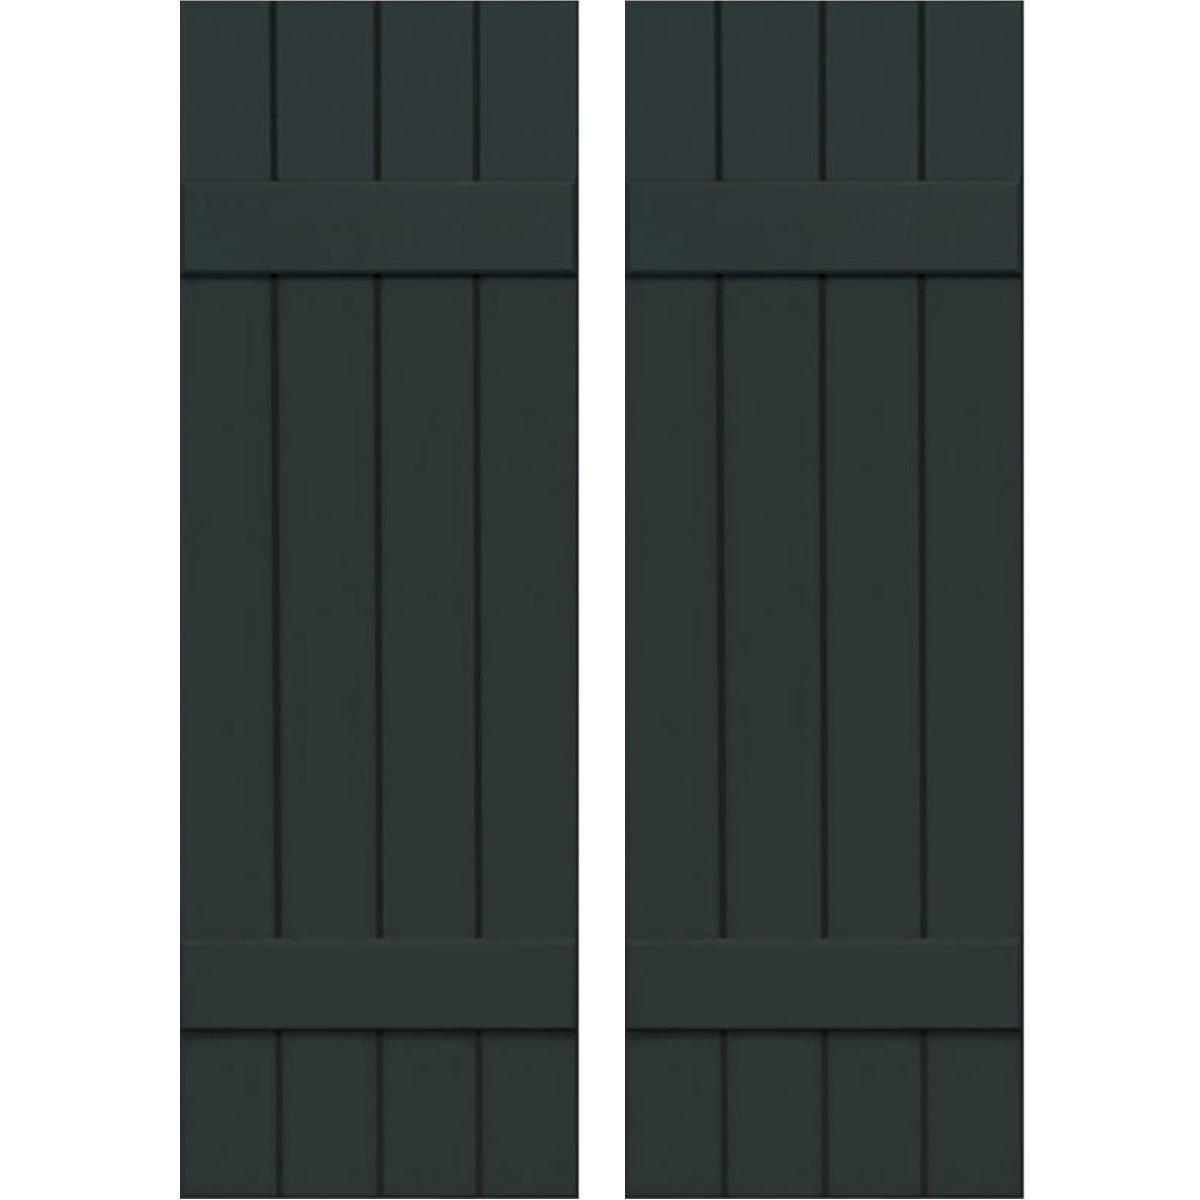 Ekena Millwork CWB15X075DGC Exterior Four Board